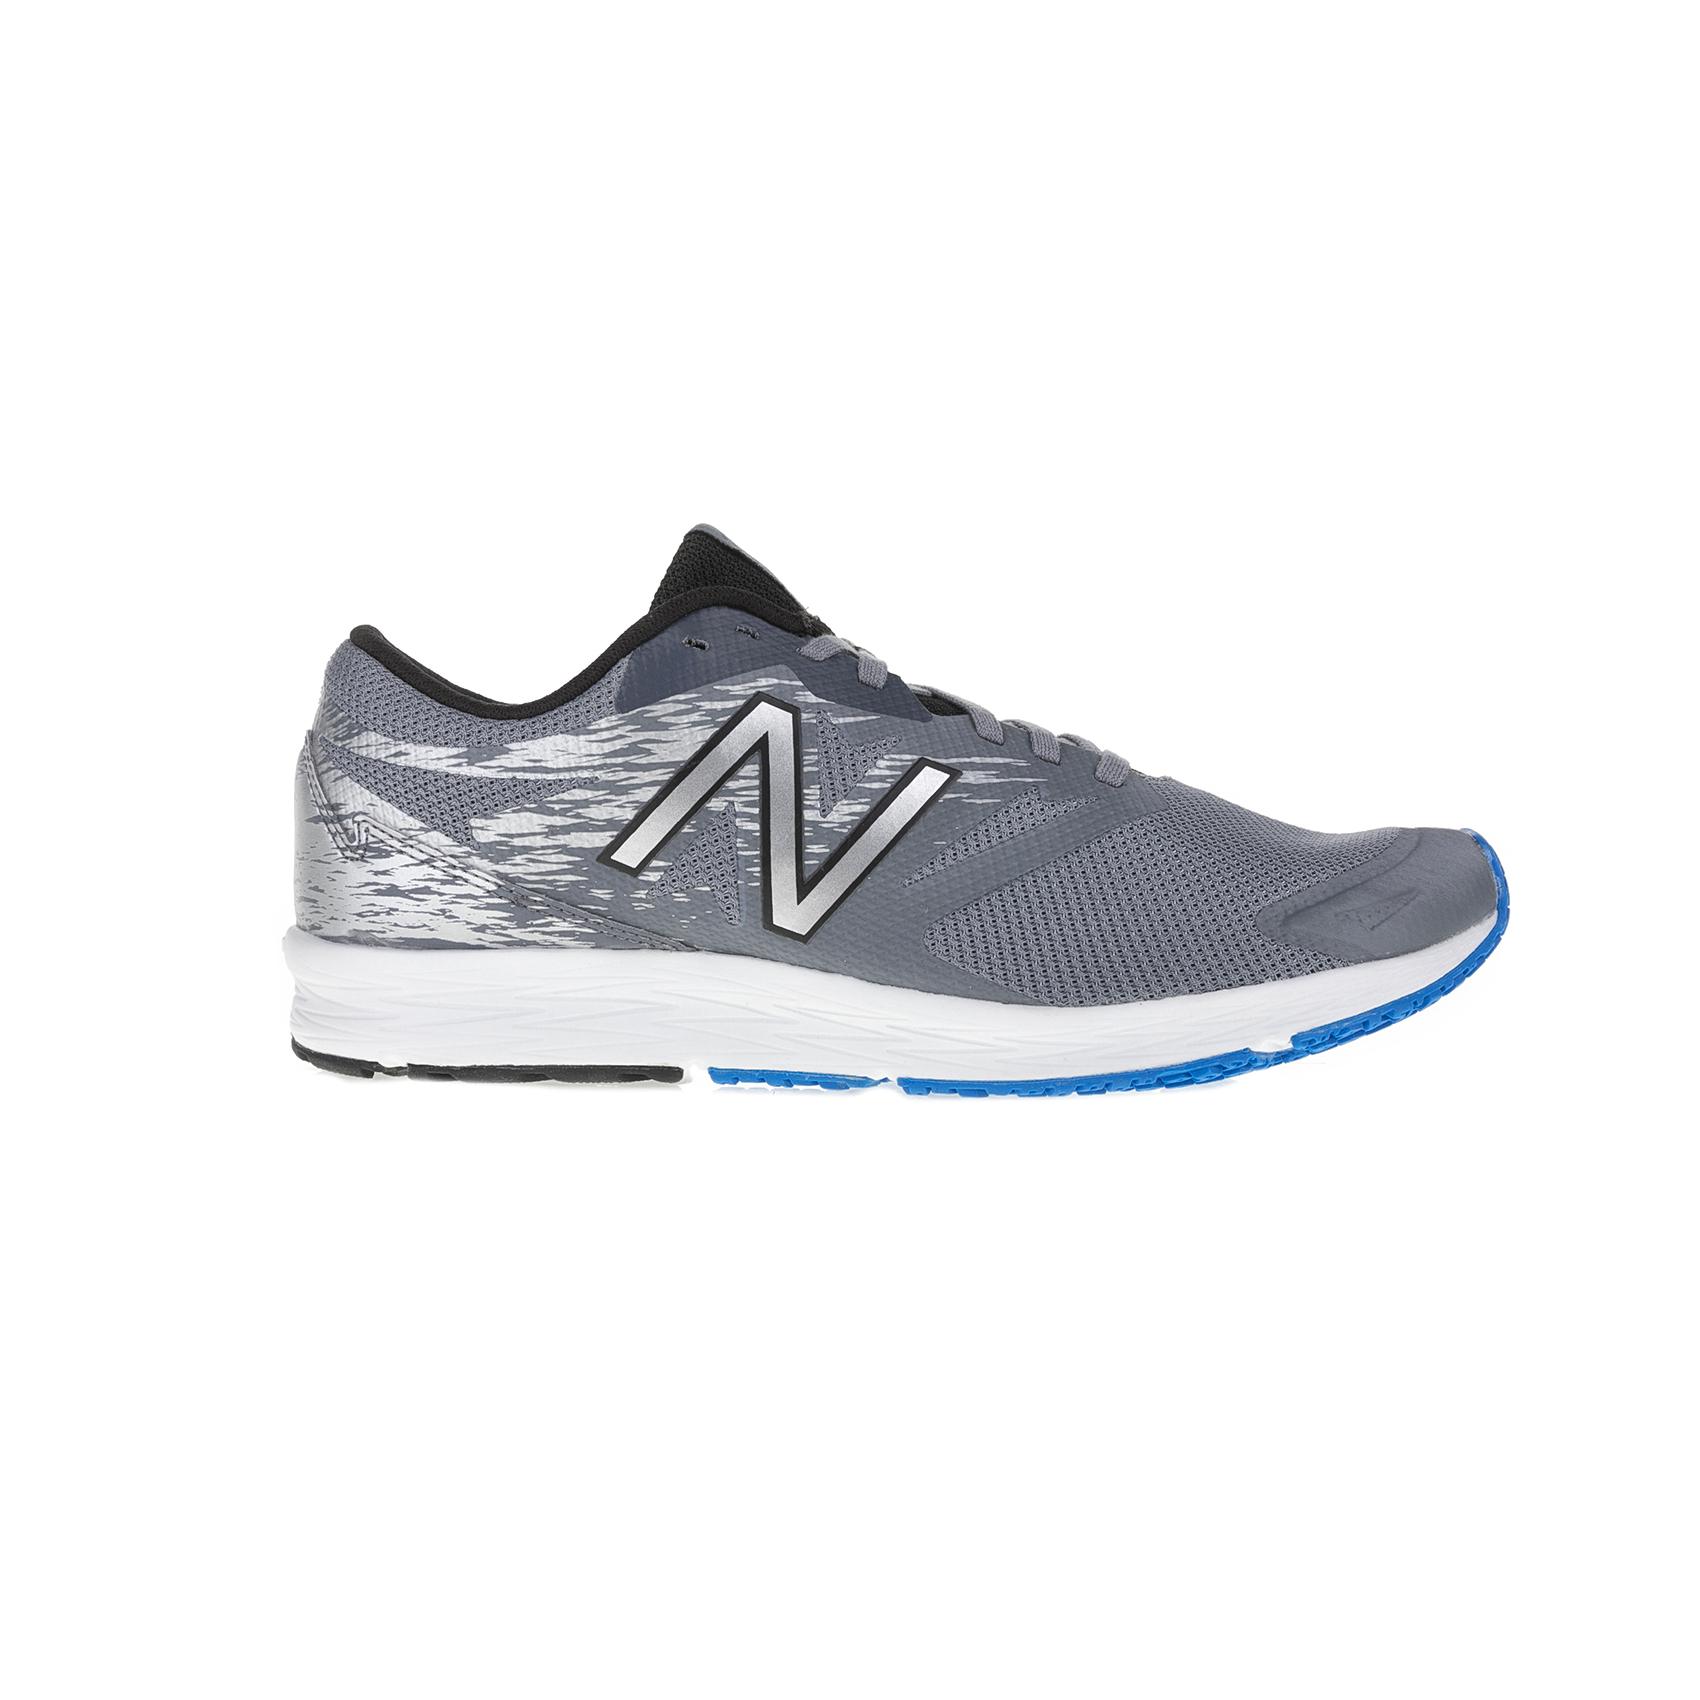 NEW BALANCE – Ανδρικά παπούτσια για τρέξιμο NEW BALANCE γκρι